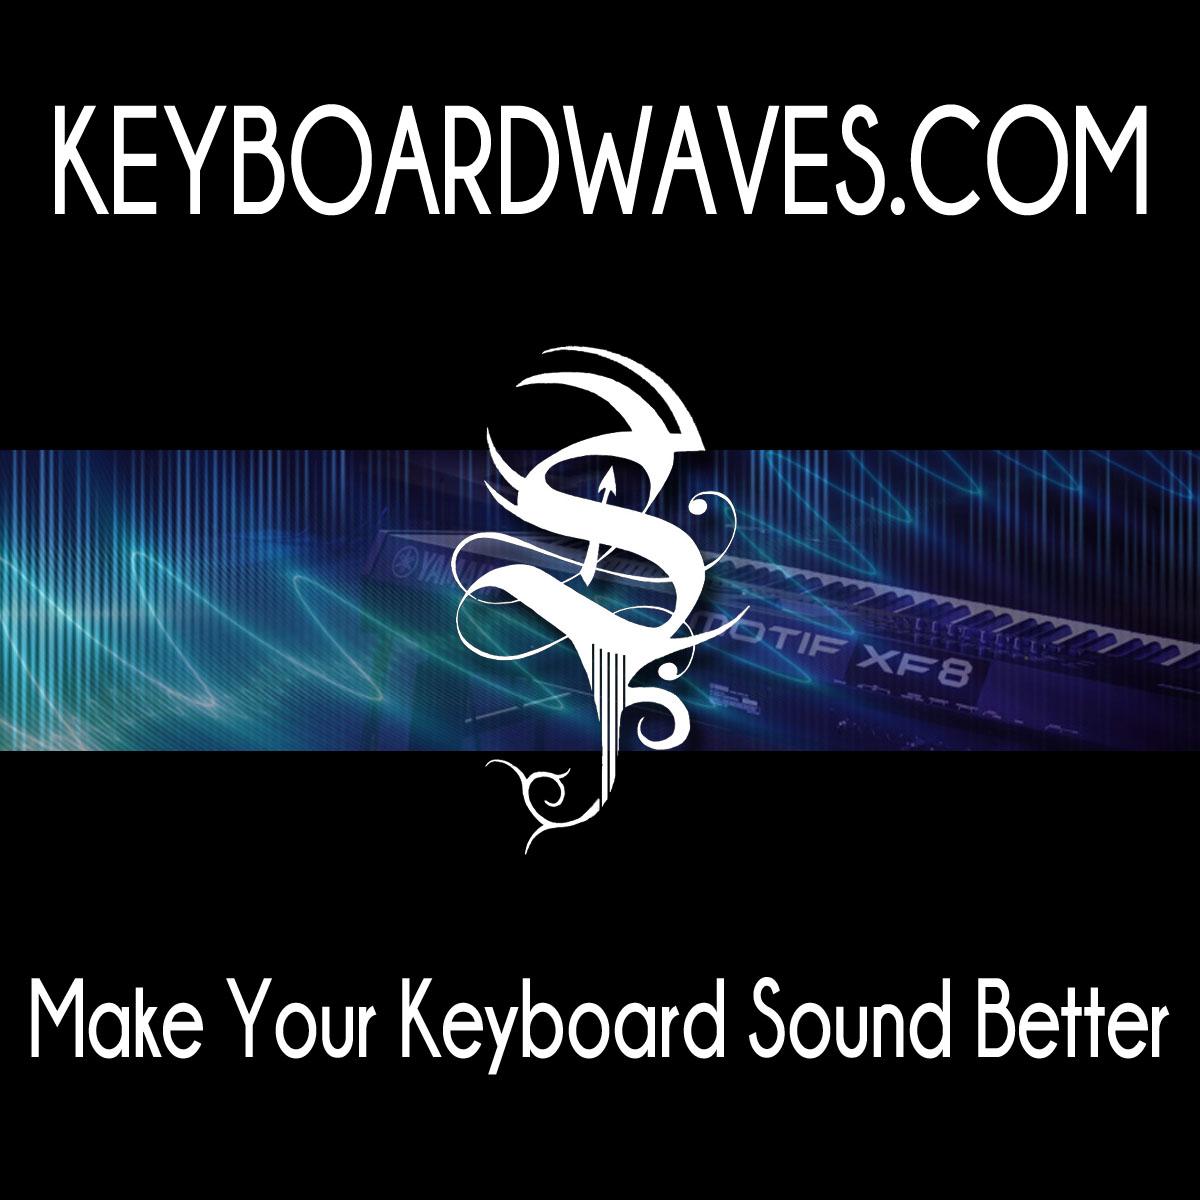 keyboardwaves